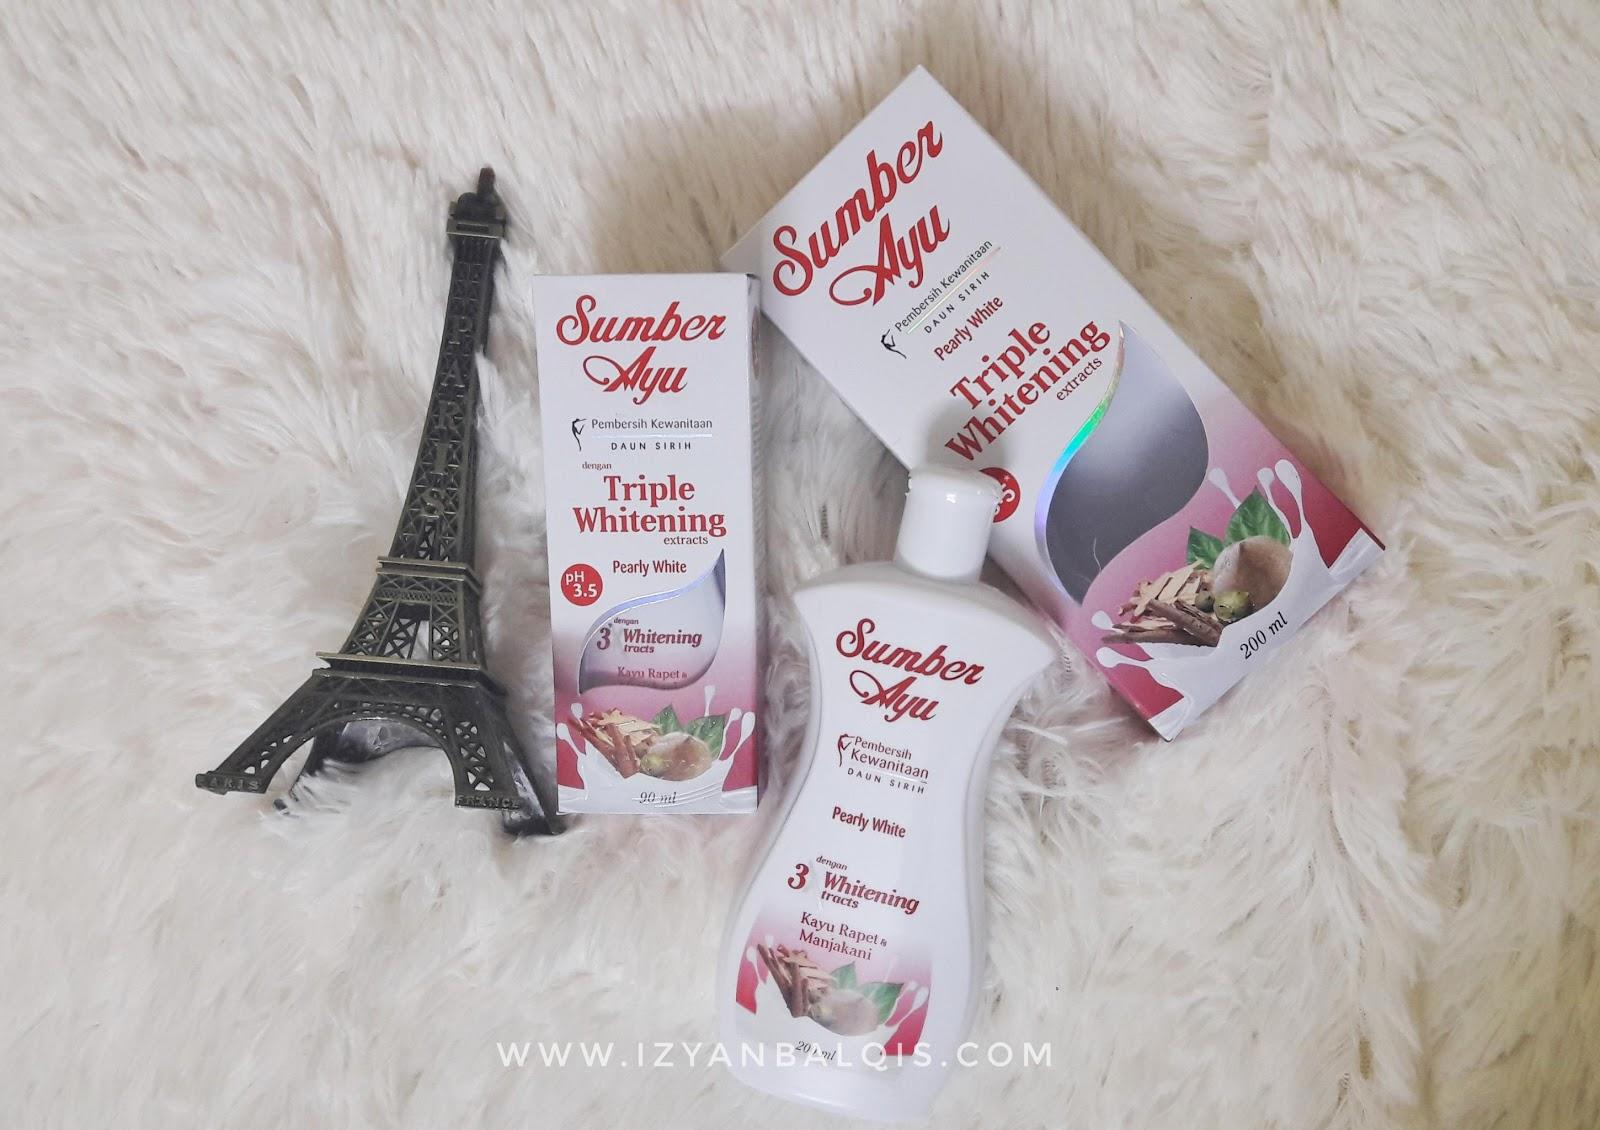 Sumber Ayu 3X Whitening Pearly White Kembalikan Keyakinan Setiap Wanita